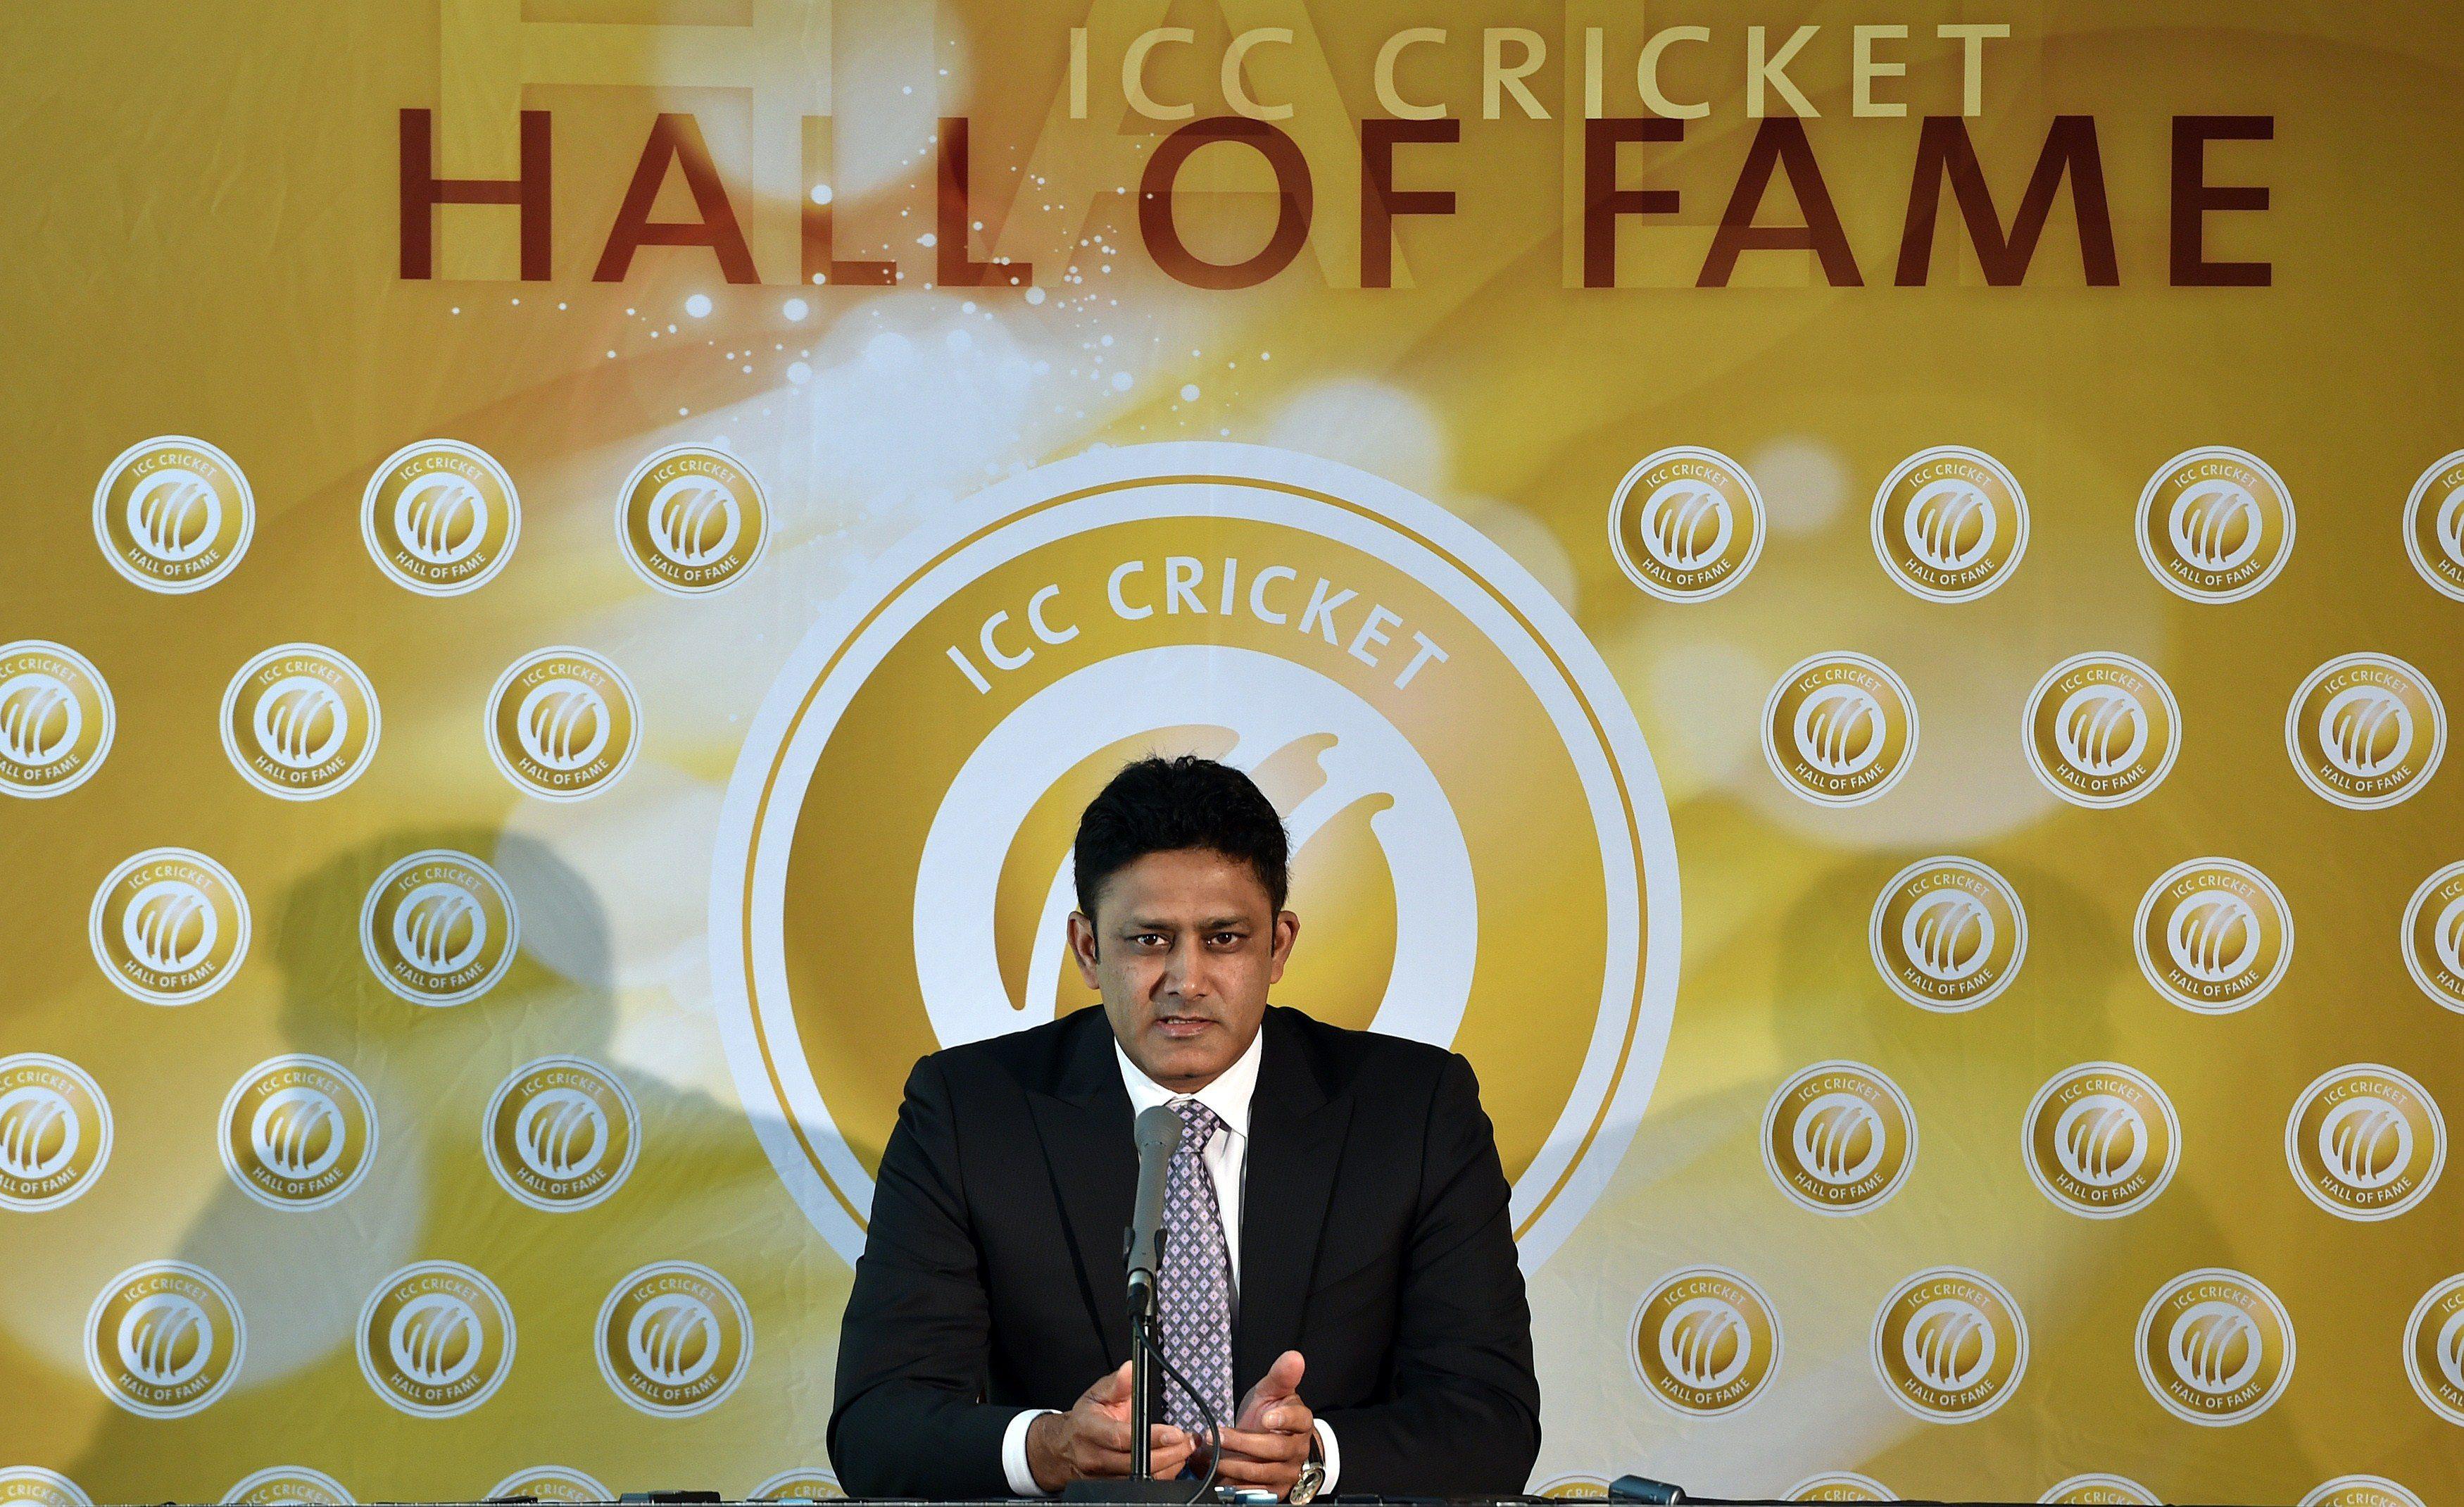 Anil  Kumble - ICC Hall of Fame